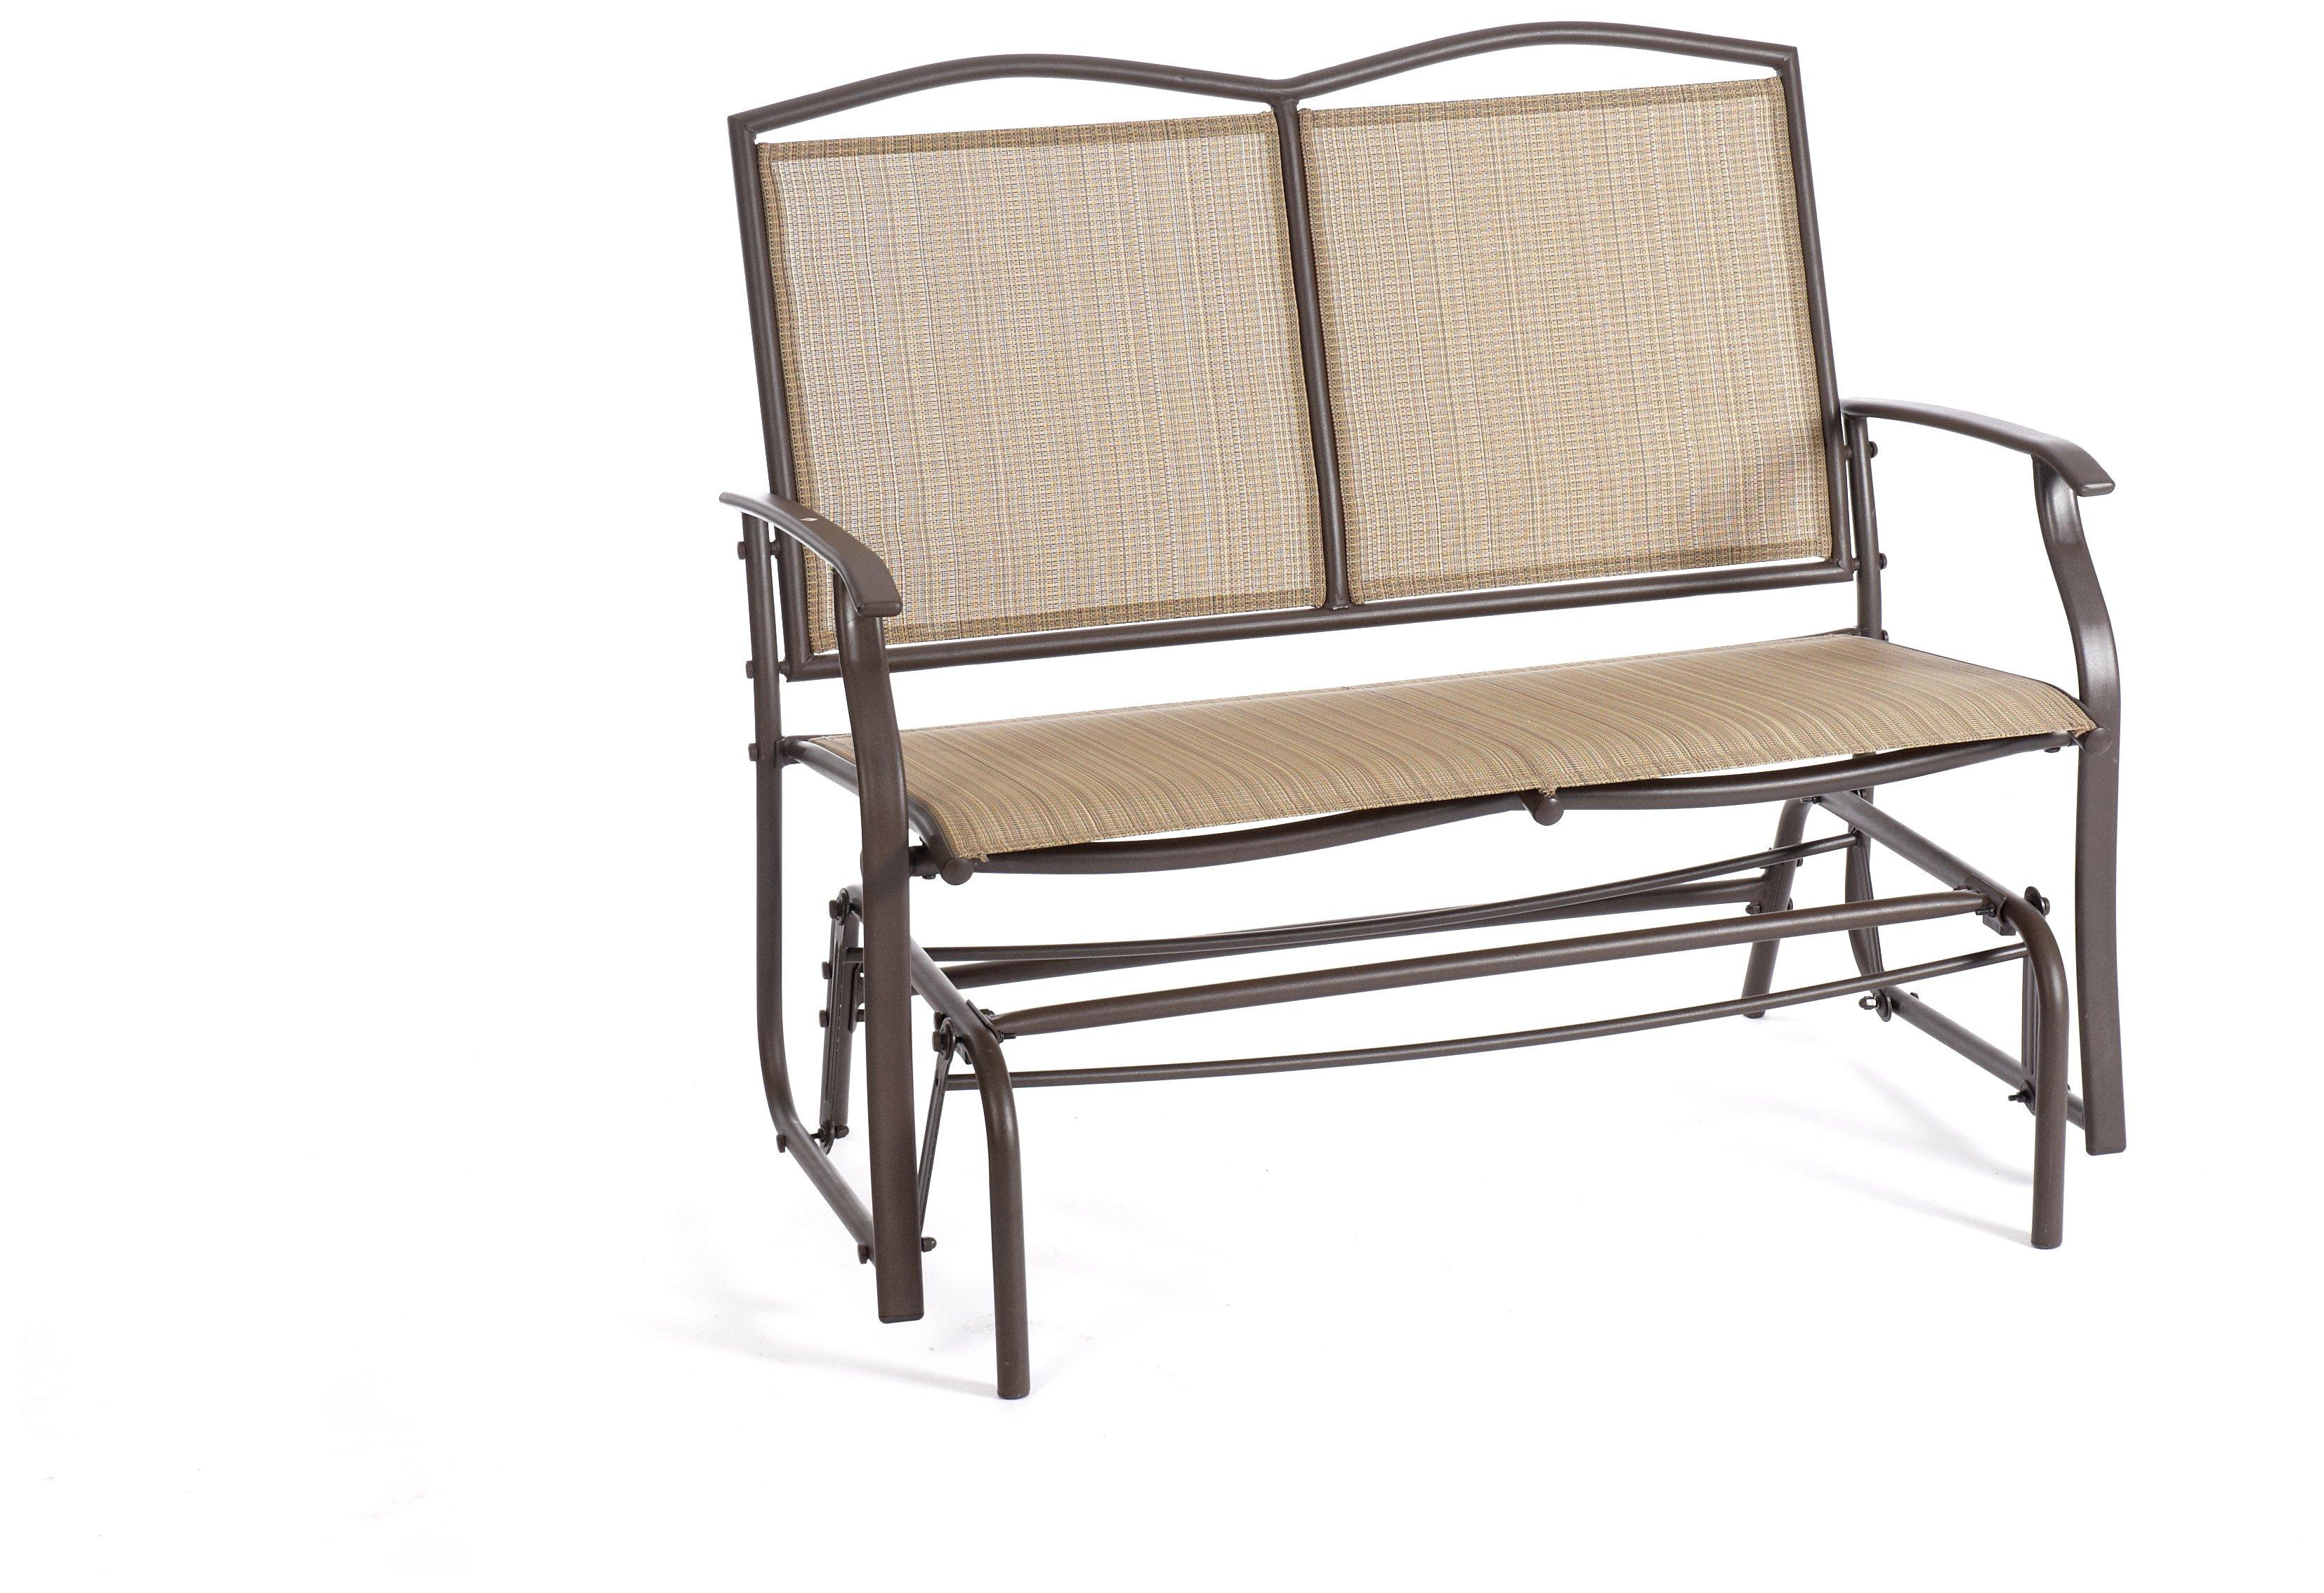 greenhurst 2 seater glider bench - Glider Bench